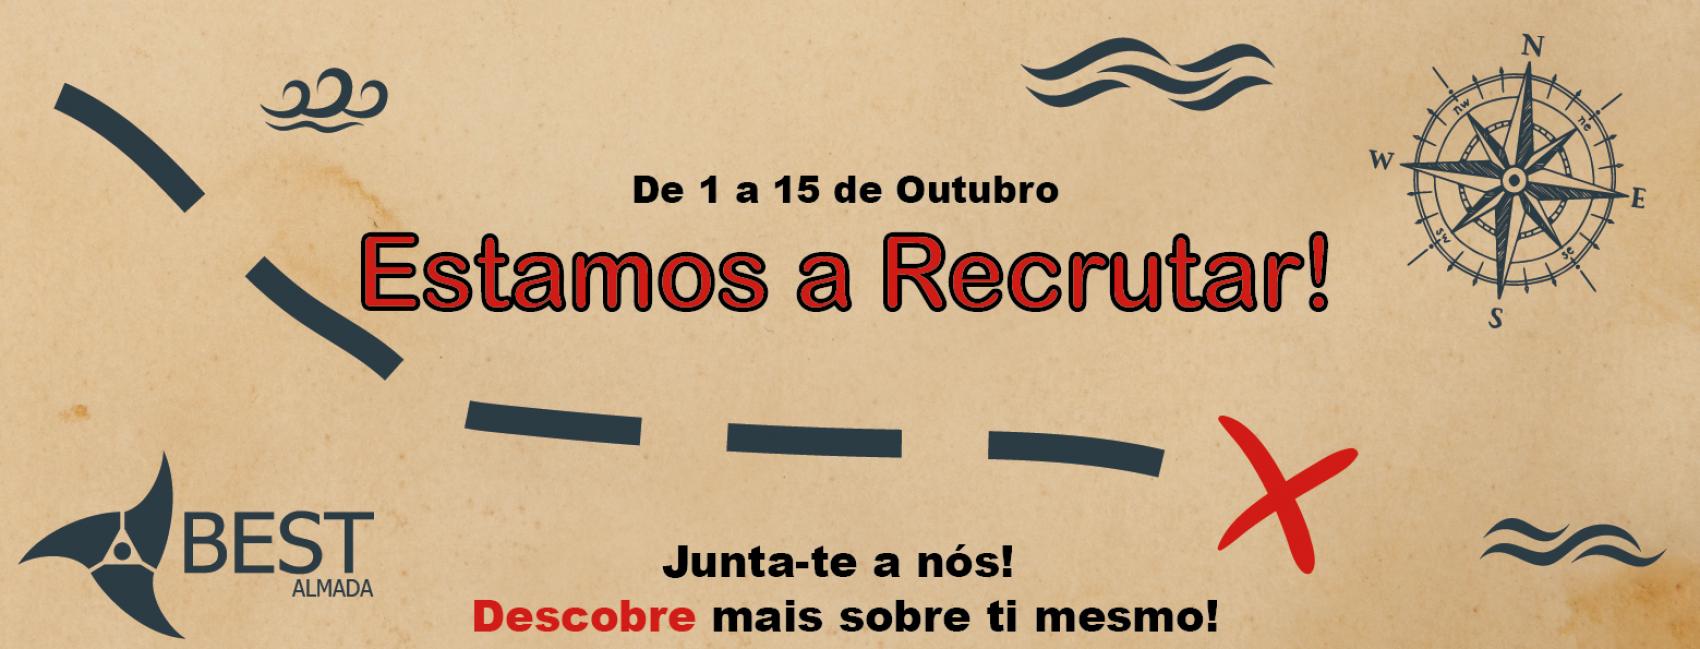 WEBRecruitment_Prancheta 1